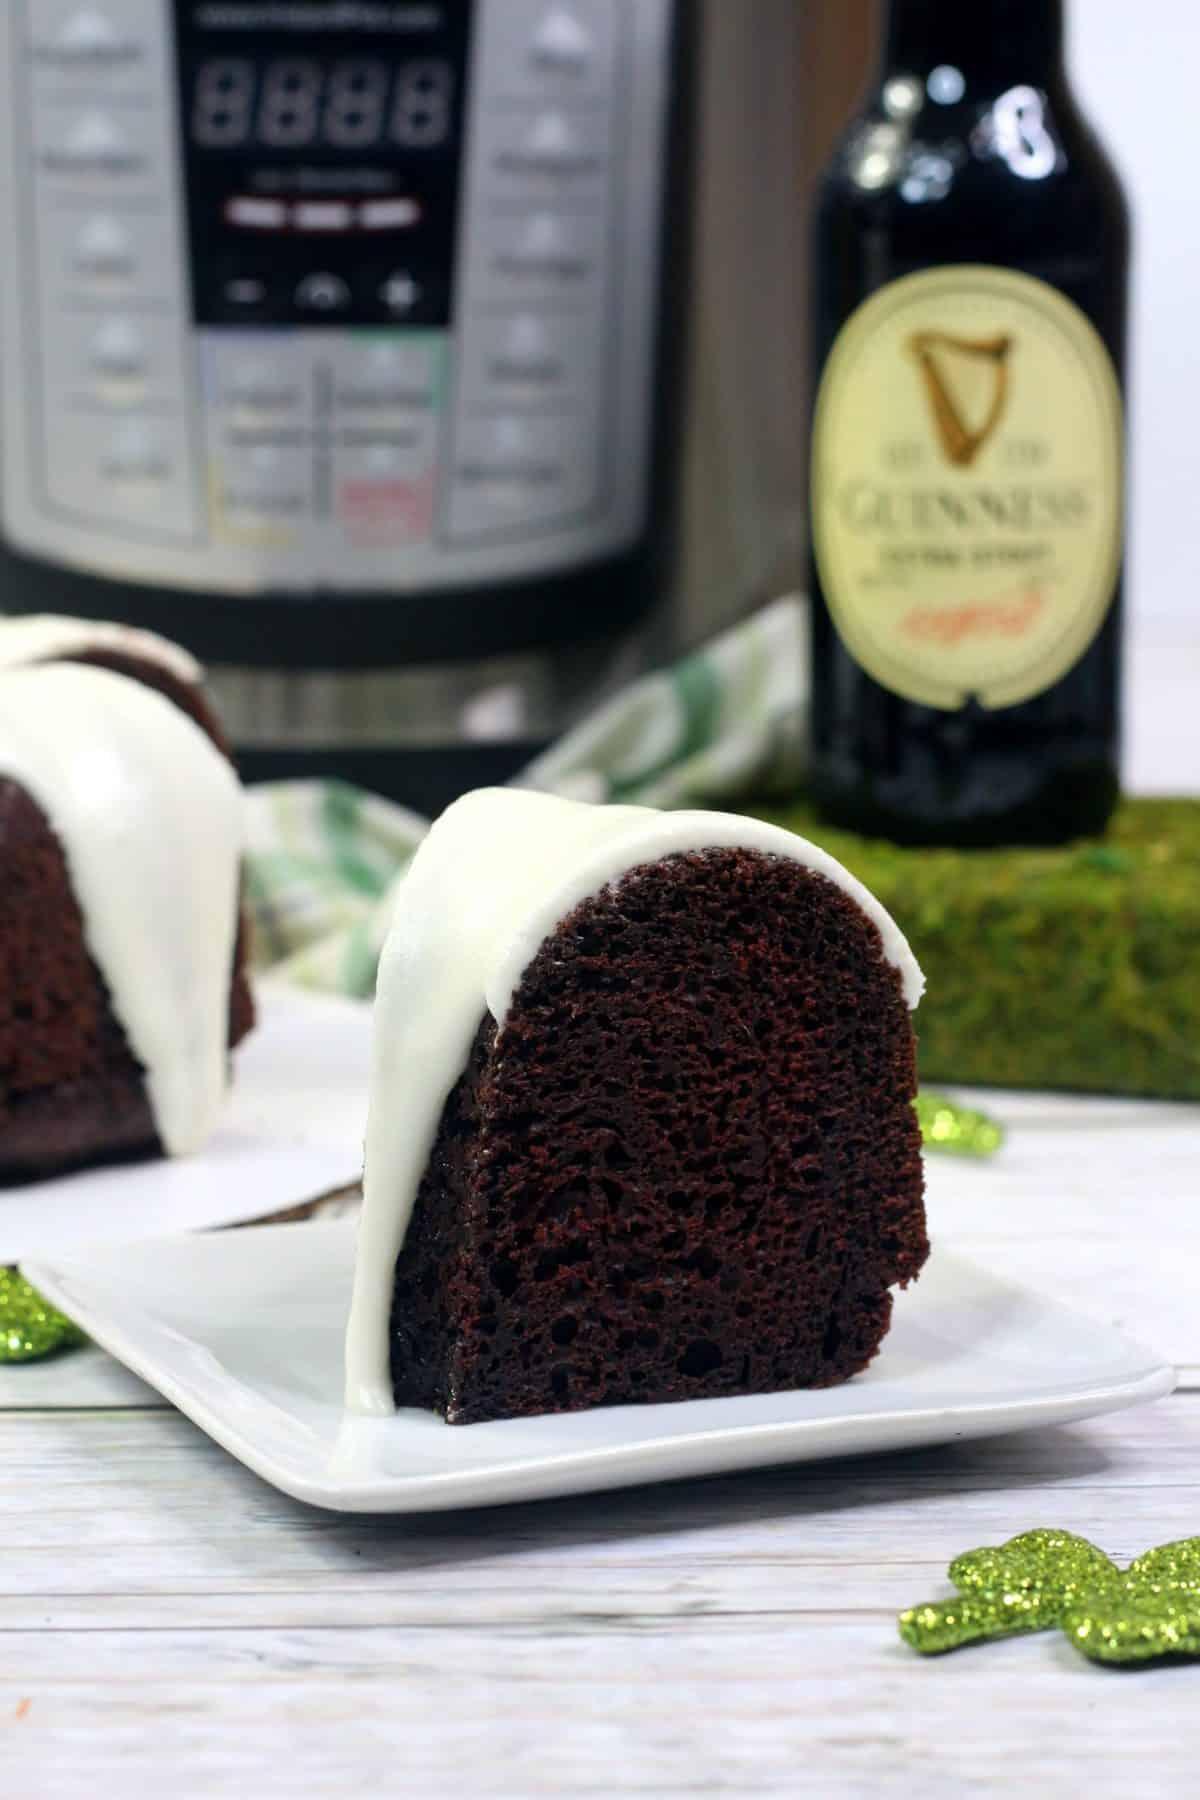 instant pot homemade cake, Guinness cake recipe